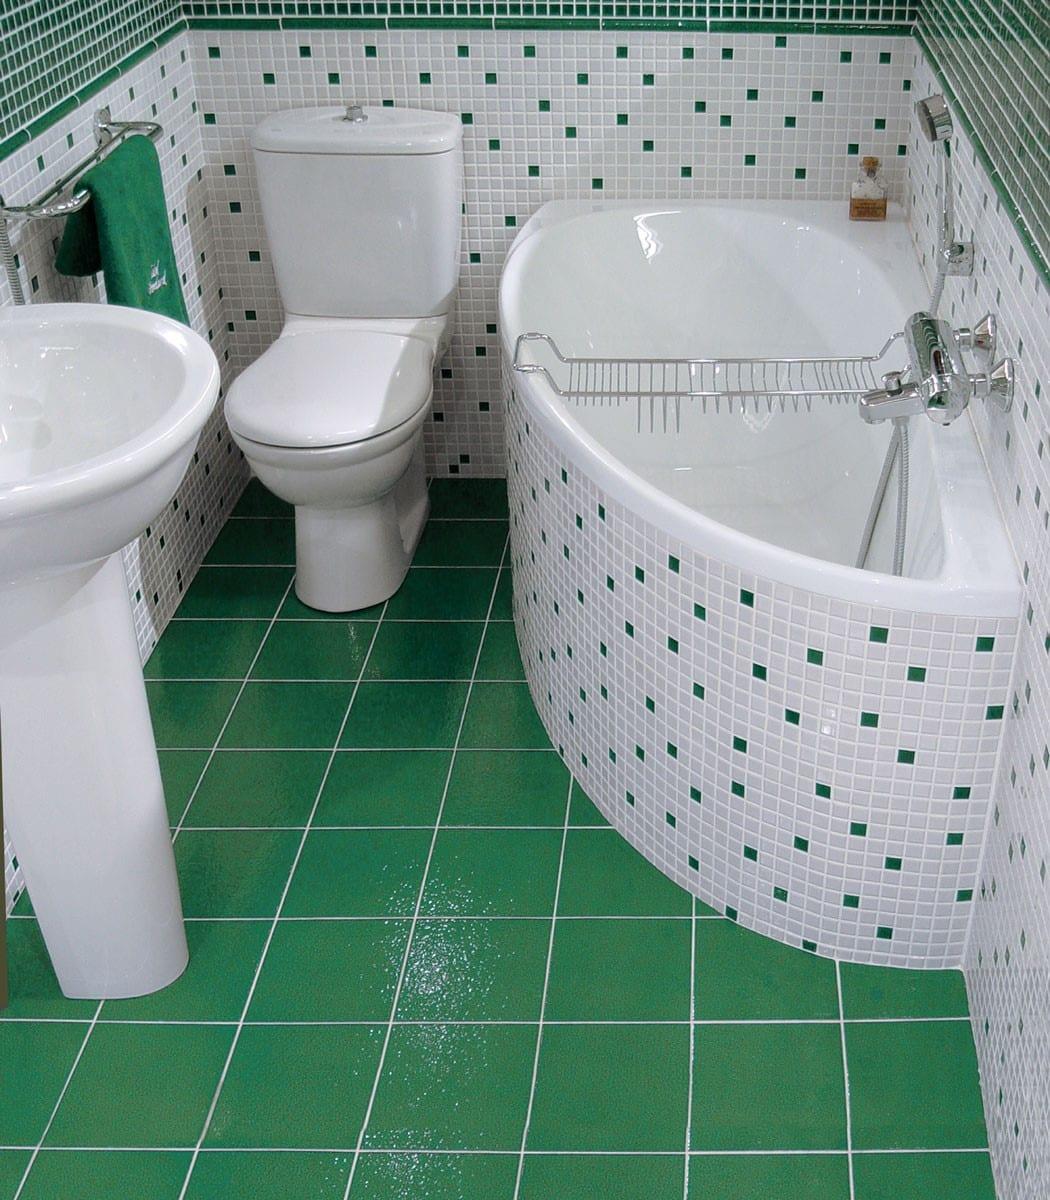 Panelből álomotthon? - Panelfürdőszoba kialakítása